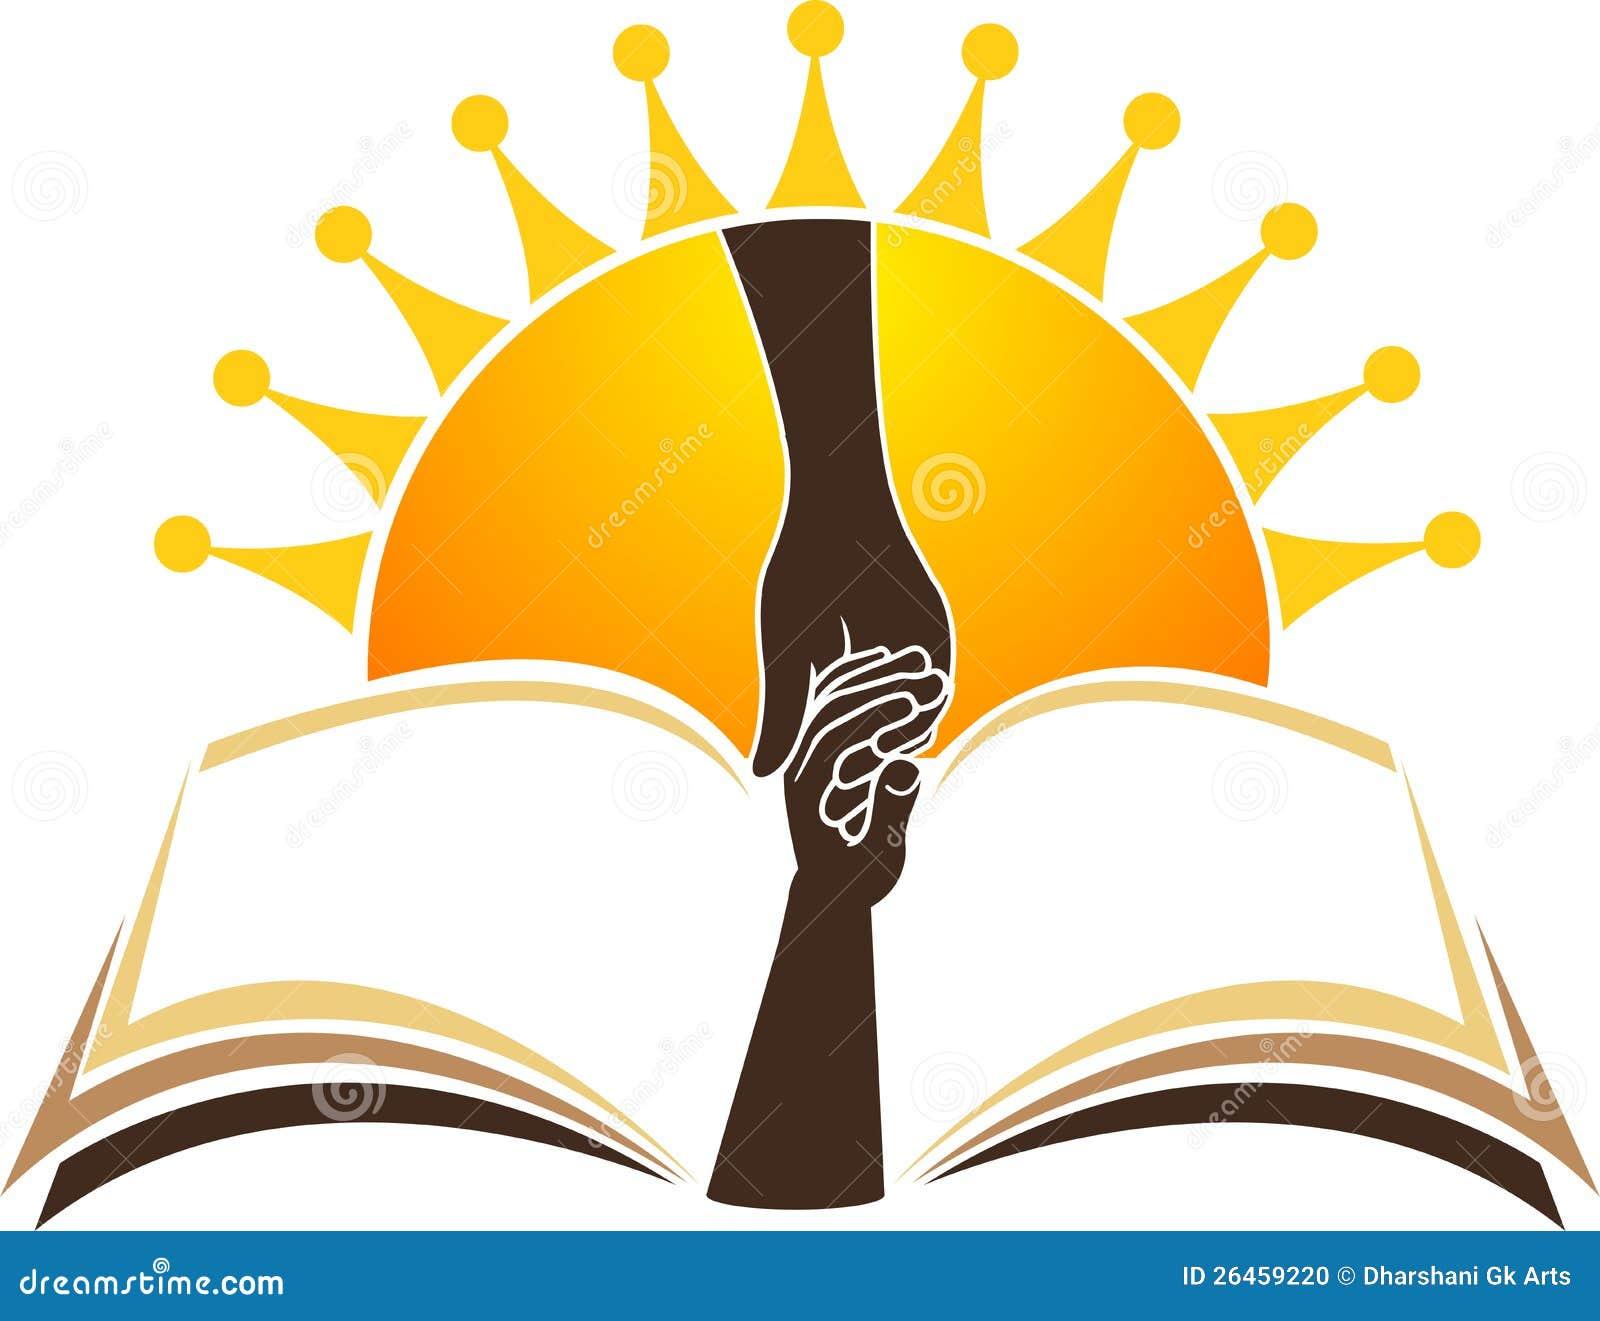 Bright Education Logo Stock Photo - Image: 26459220